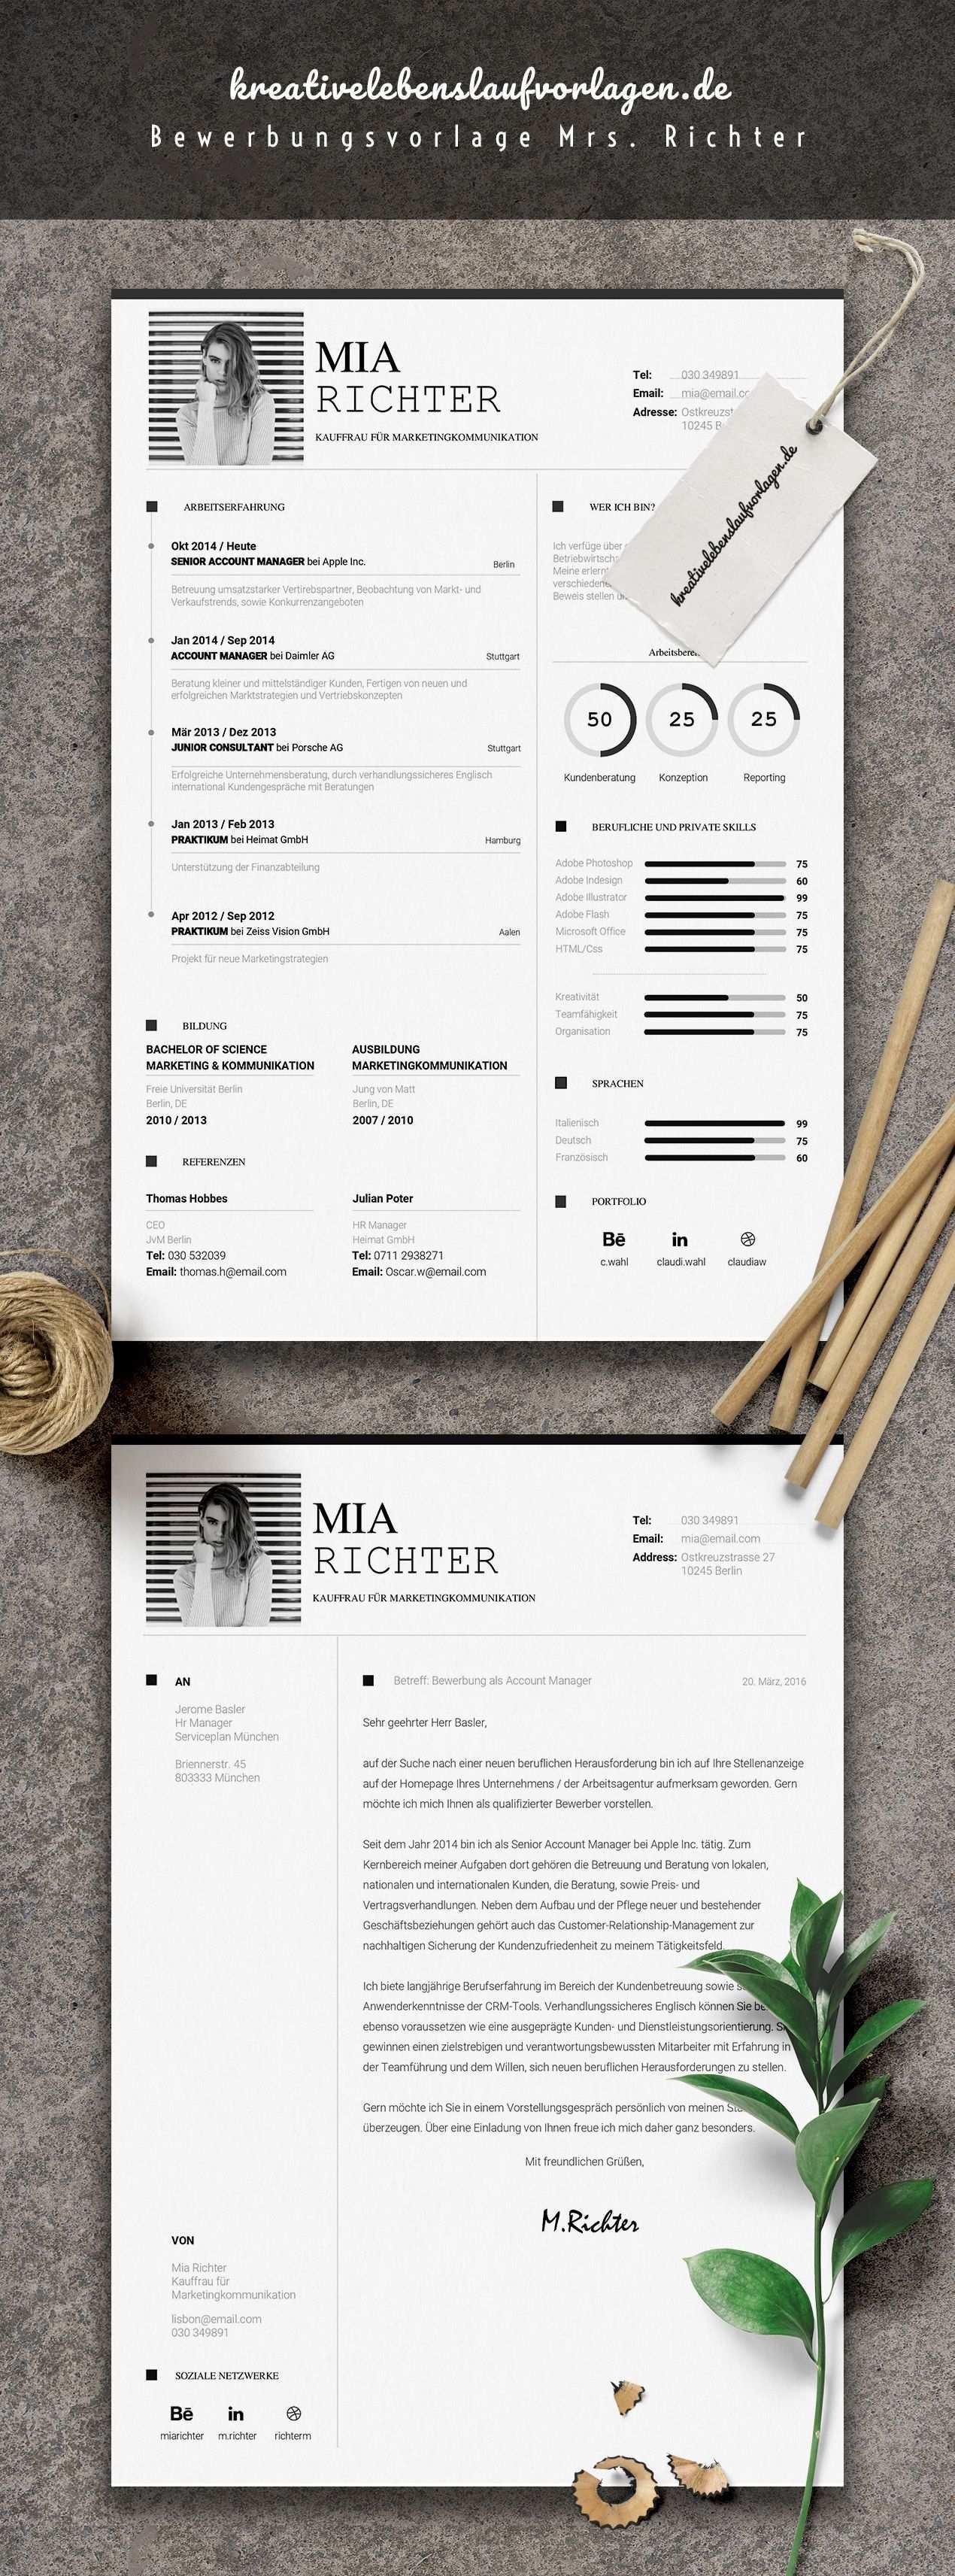 Mrs Richter Lebenslaufvorlagen Bewerbungsvorlagen Lebenslauf Anschreiben Design Bewerbung Layout